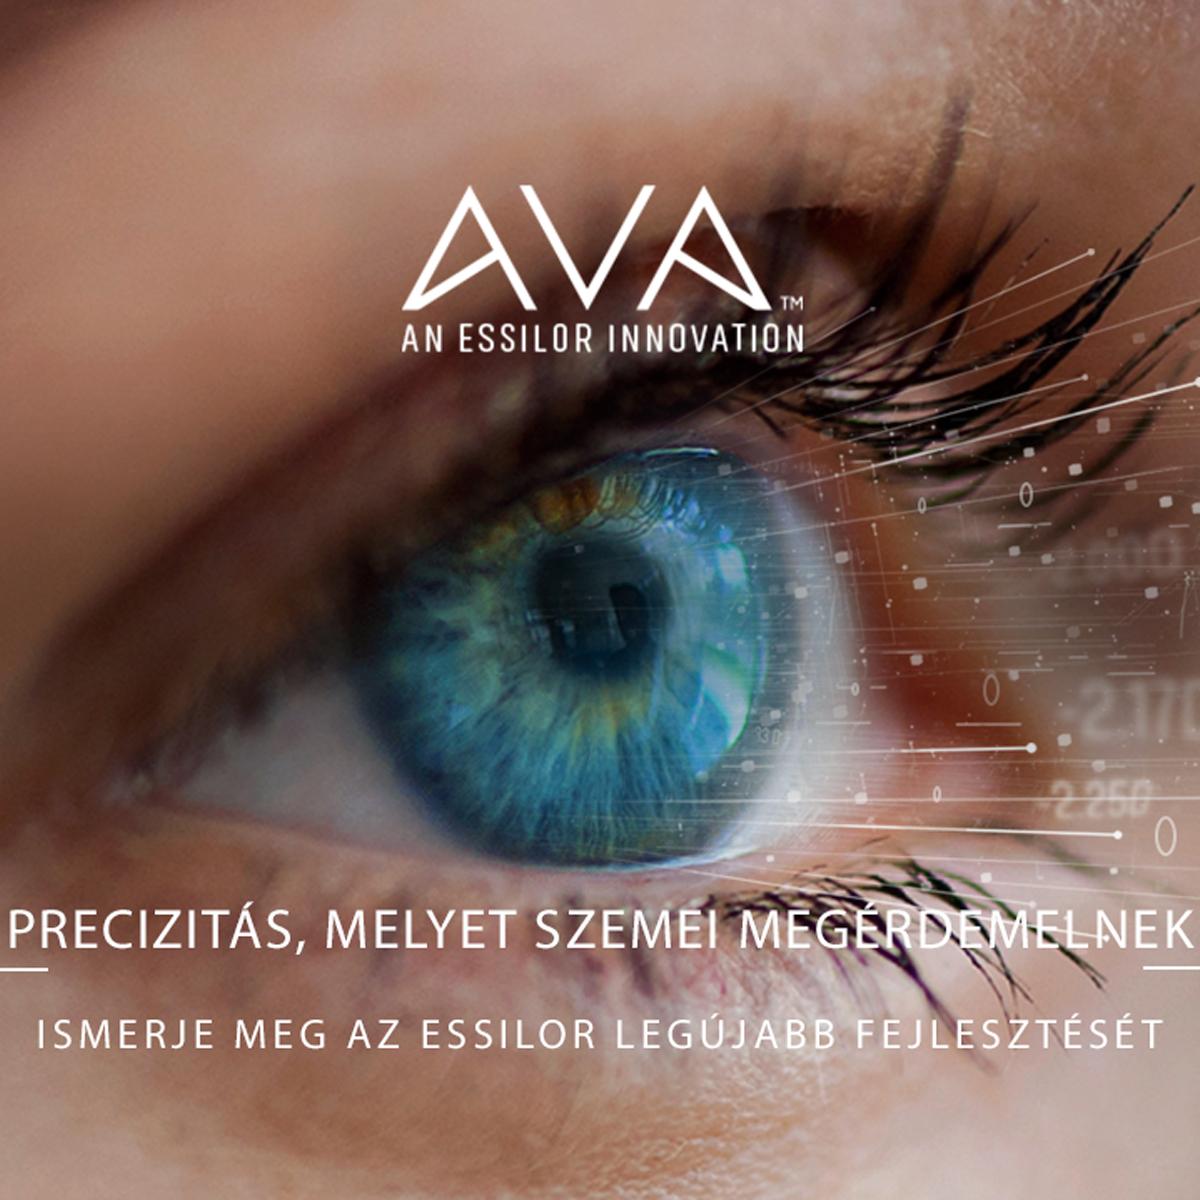 Tökéletes szemészeti vizsgálat